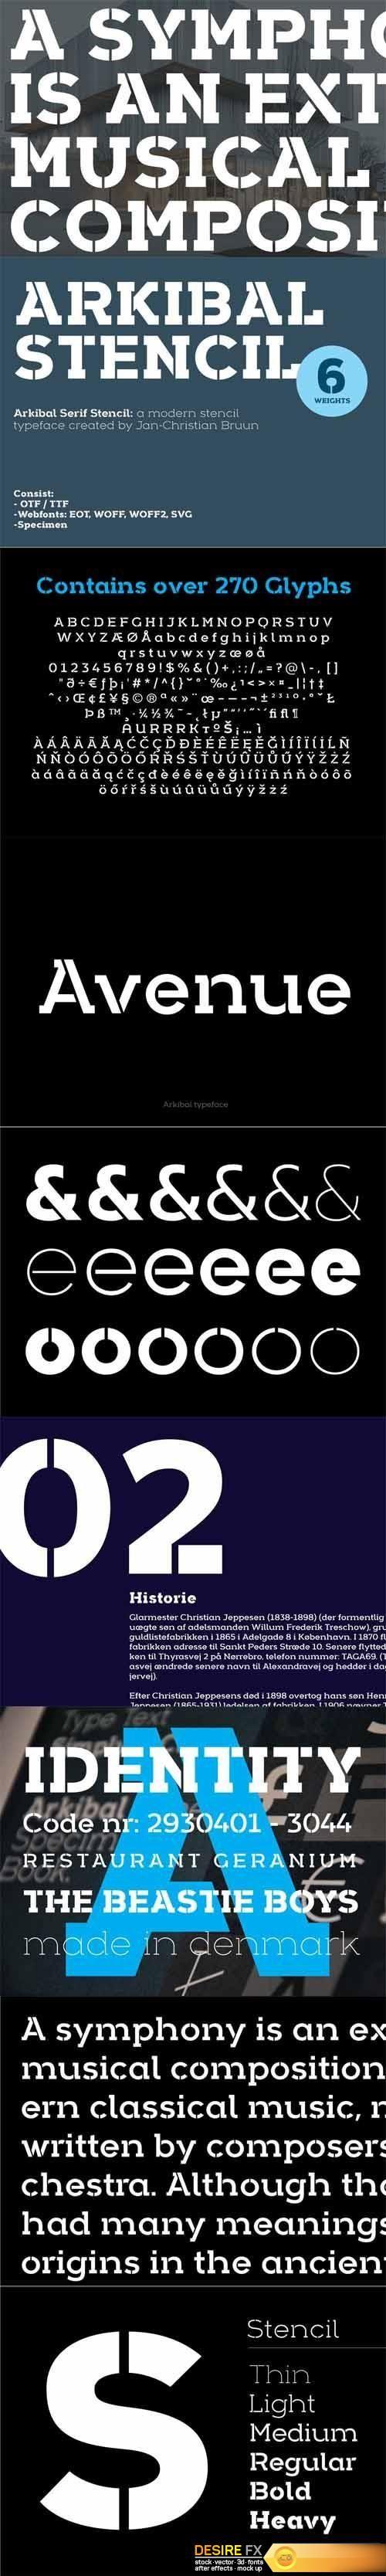 http://www.desirefx.me/arkibal-stencil-serif-font/